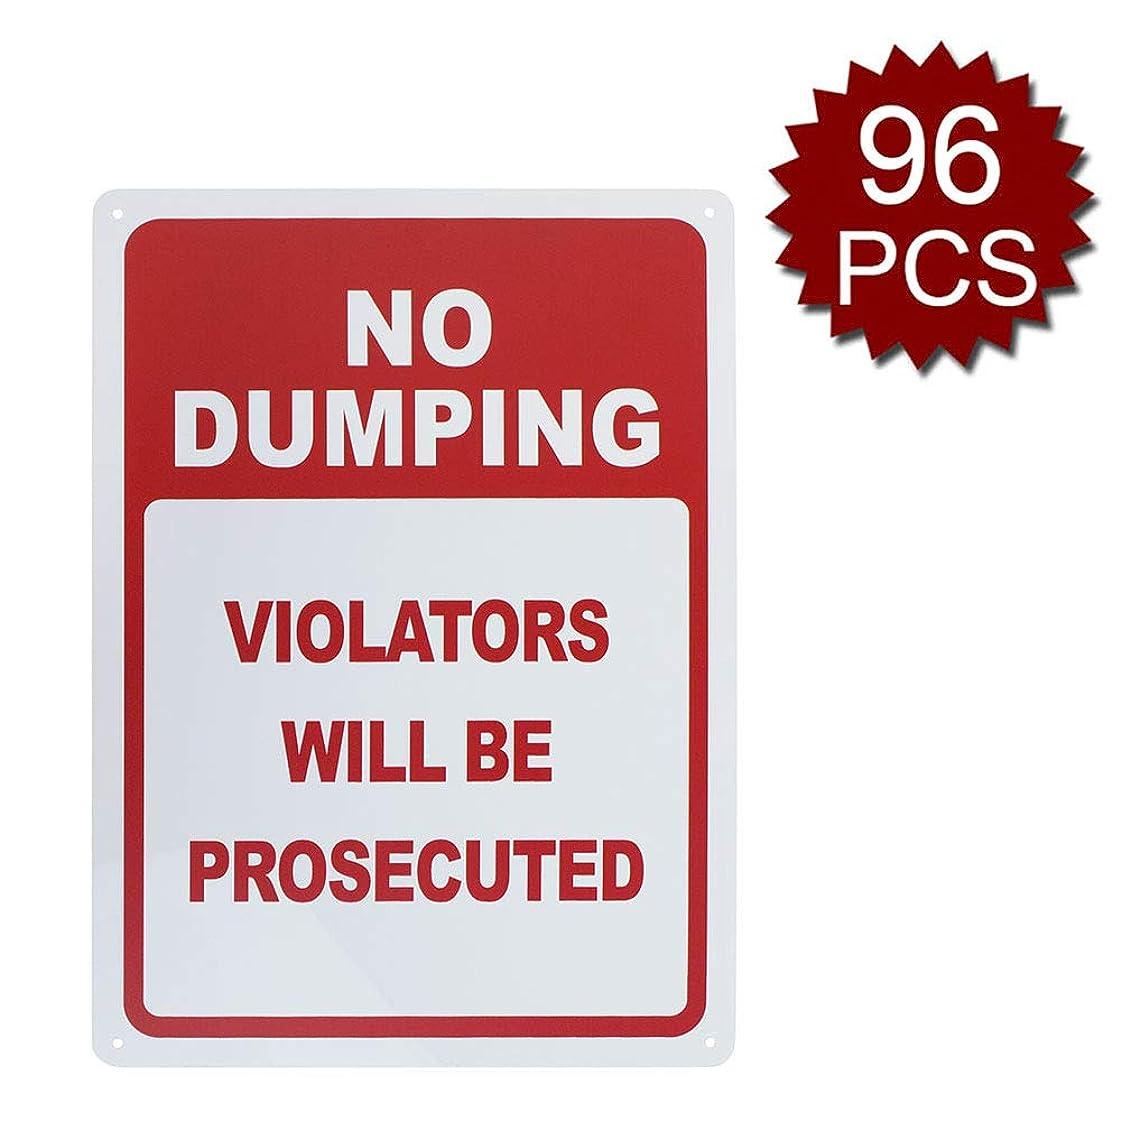 アドバイスマットレス中級Aspire Aluminiumダンピング違反のない人は 起訴されるでしょう UV印刷と耐候性 - No Dumping/96個入り - 25.40cm W x 35.56cm L